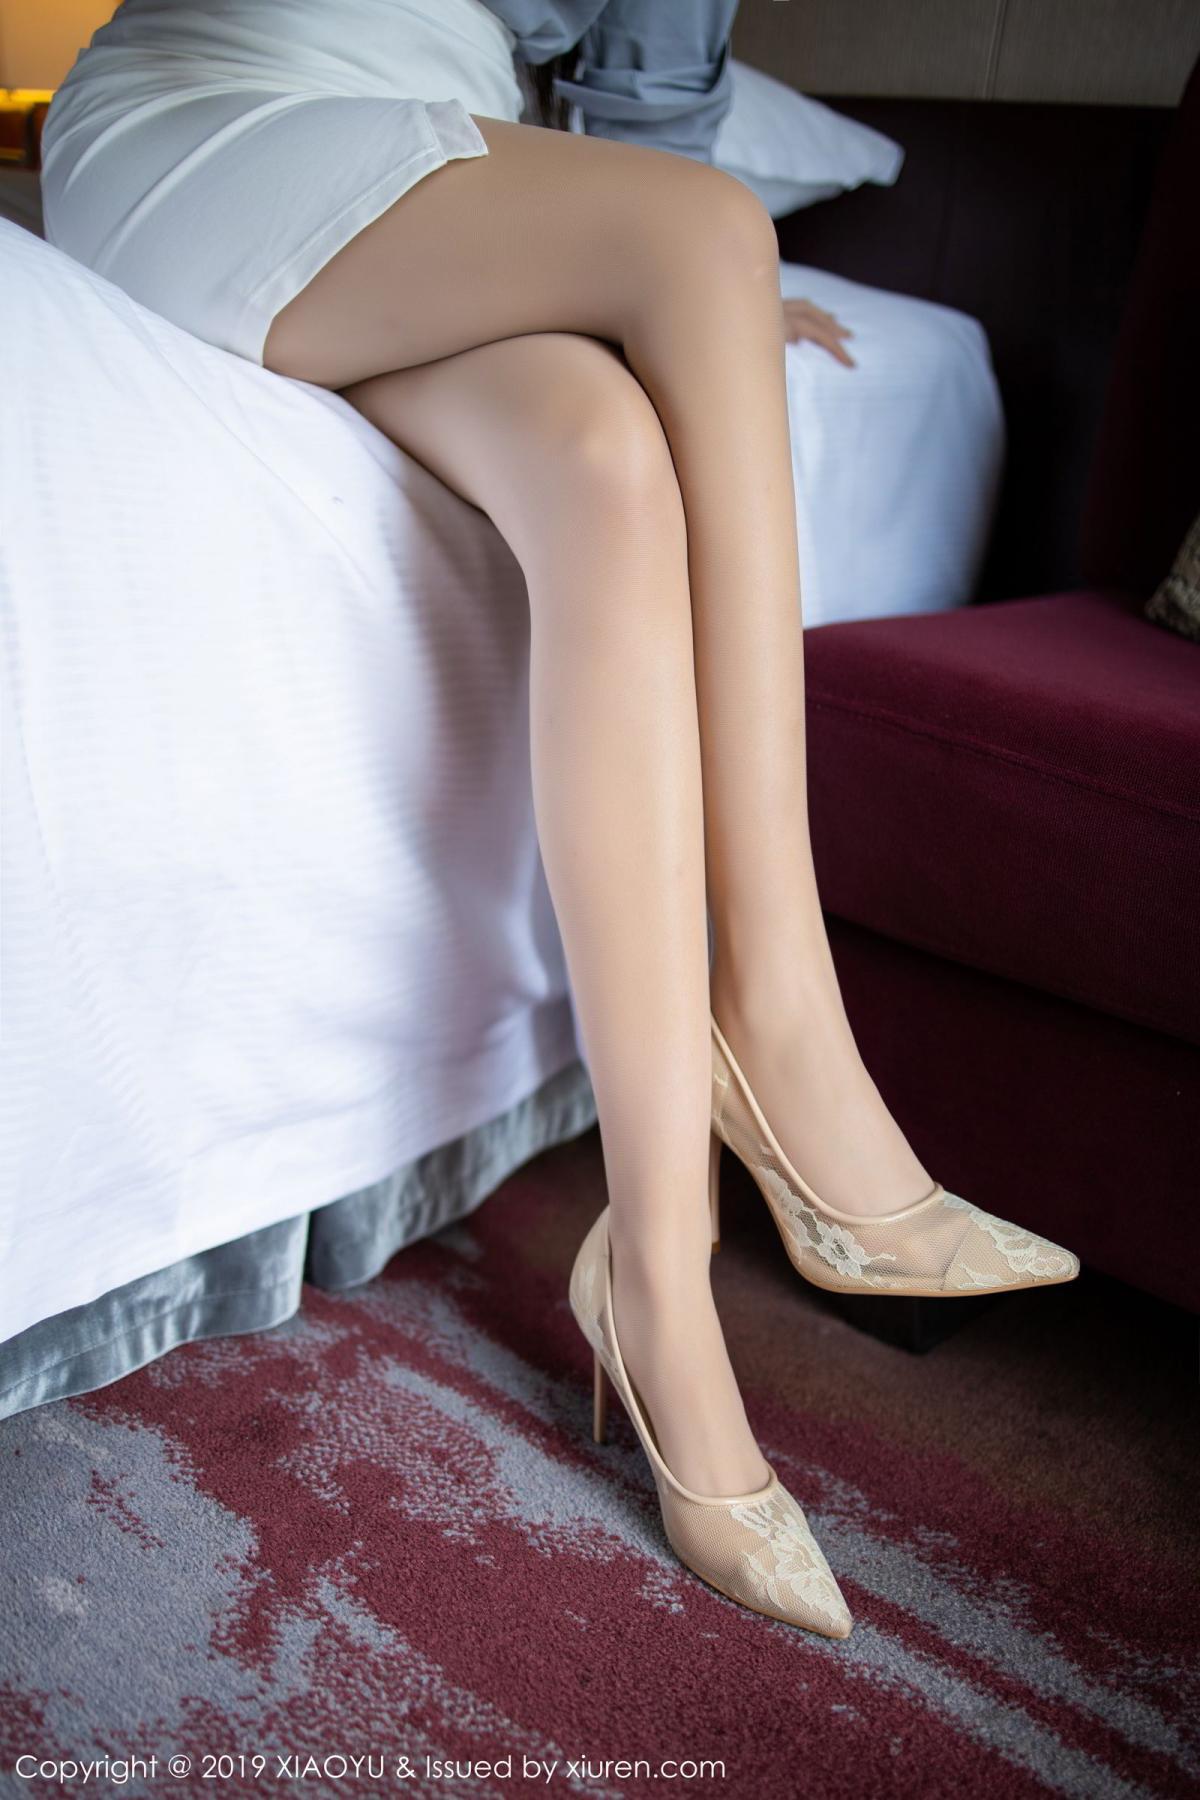 [XiaoYu] Vol.180 Li Ya 8P, Li Ya, Underwear, XiaoYu